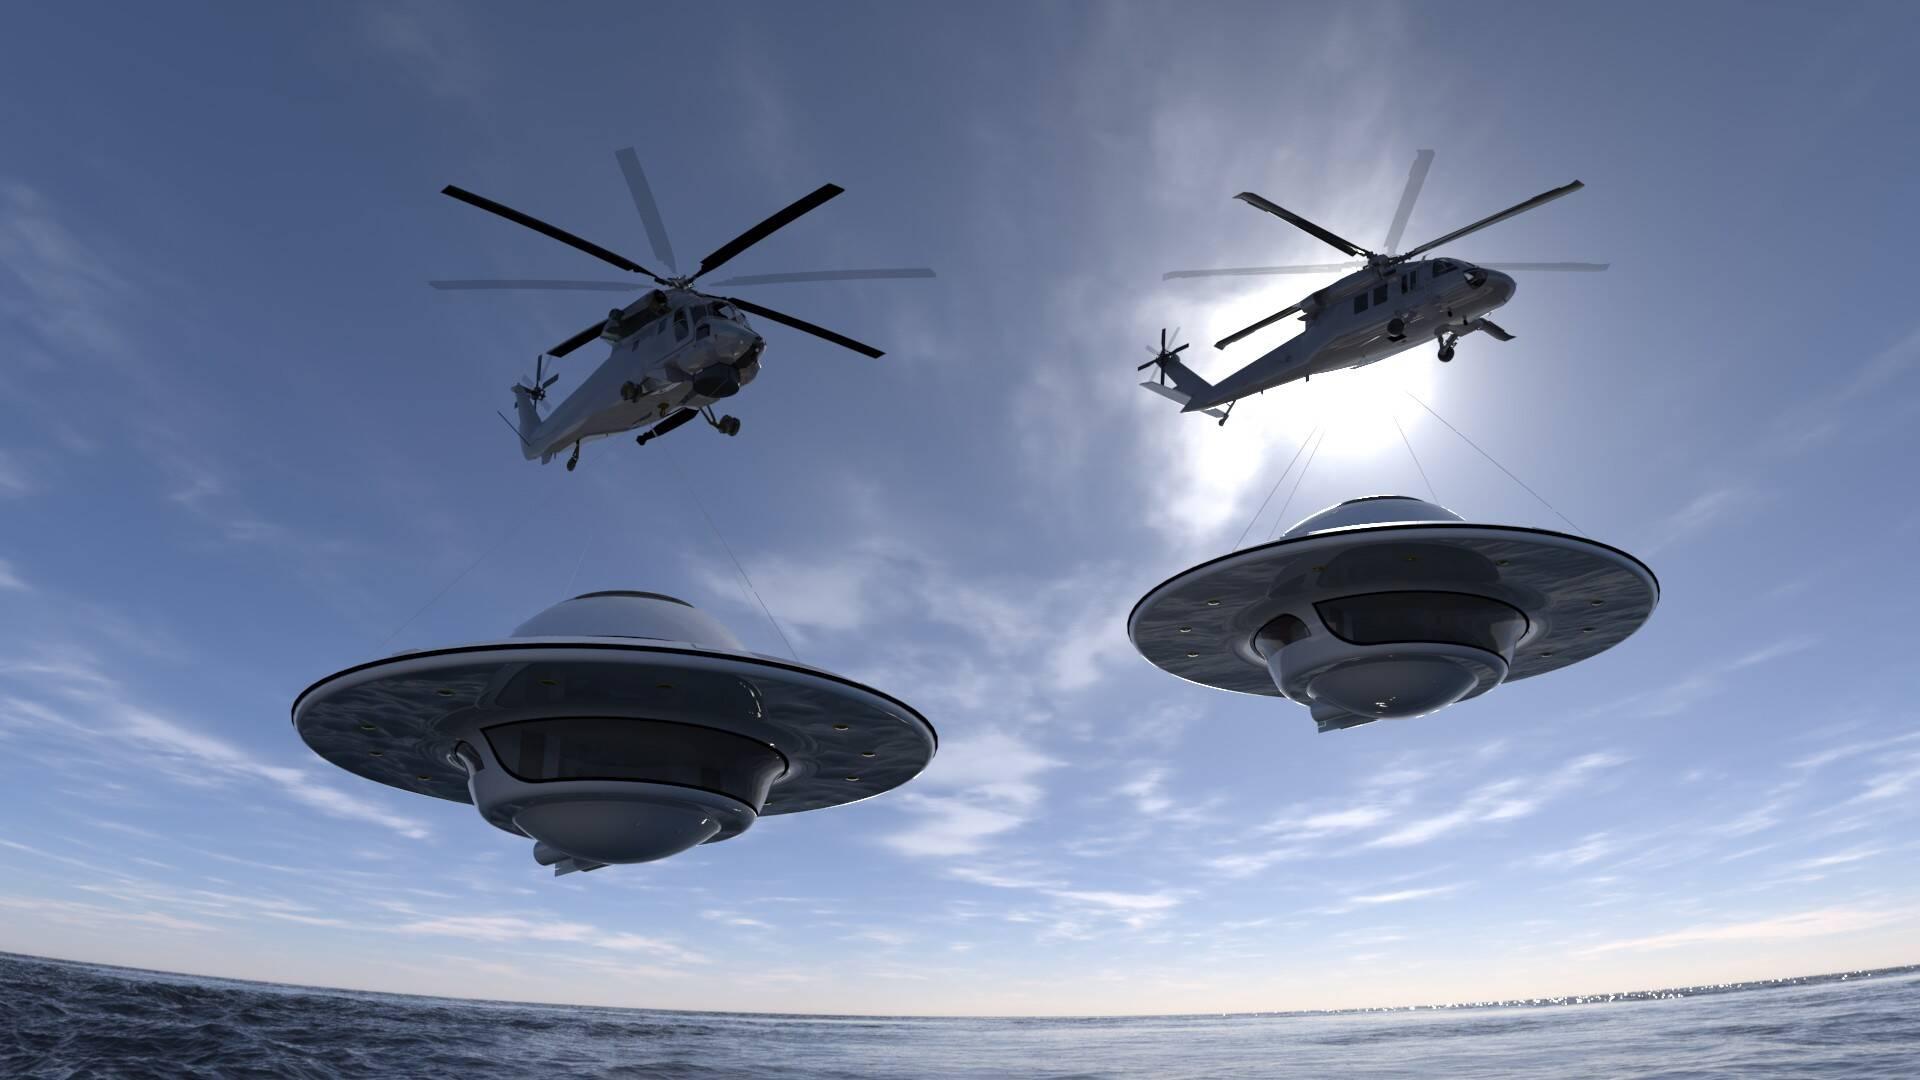 Conceito UFO 1.2 da Lazzarini Design